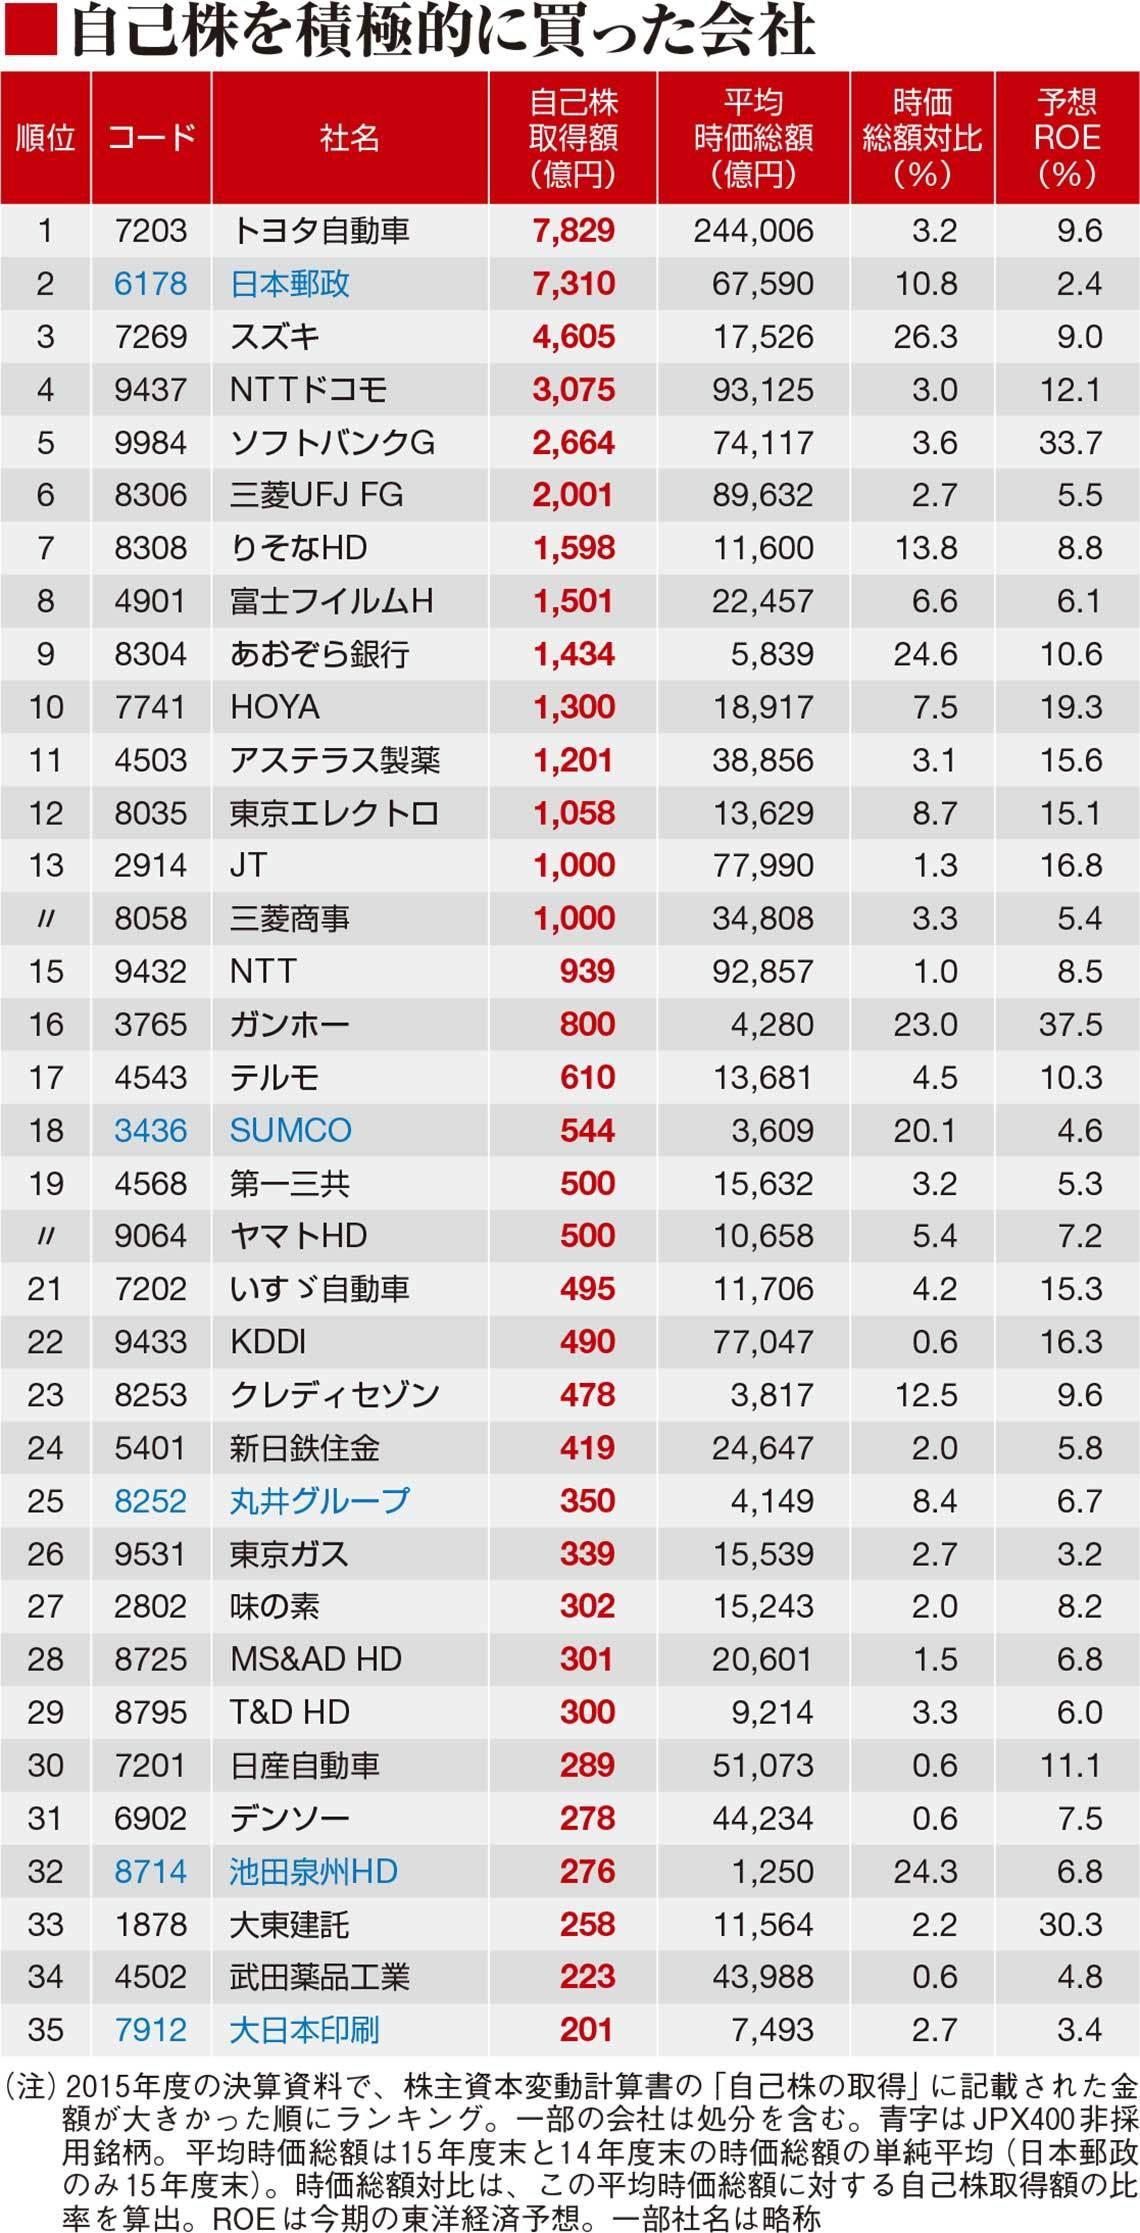 株価 ガンホー